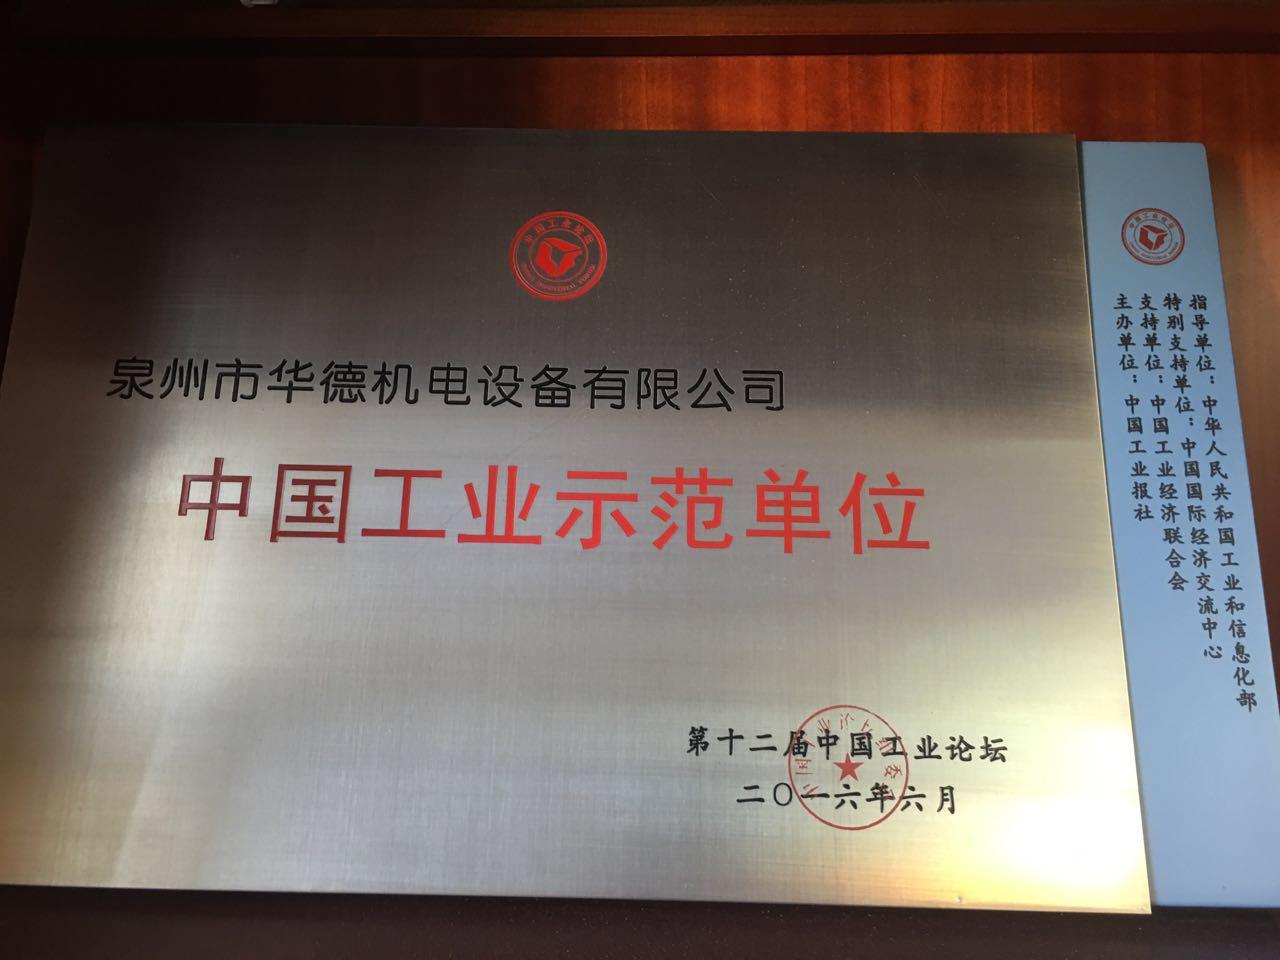 中国工业示范单位